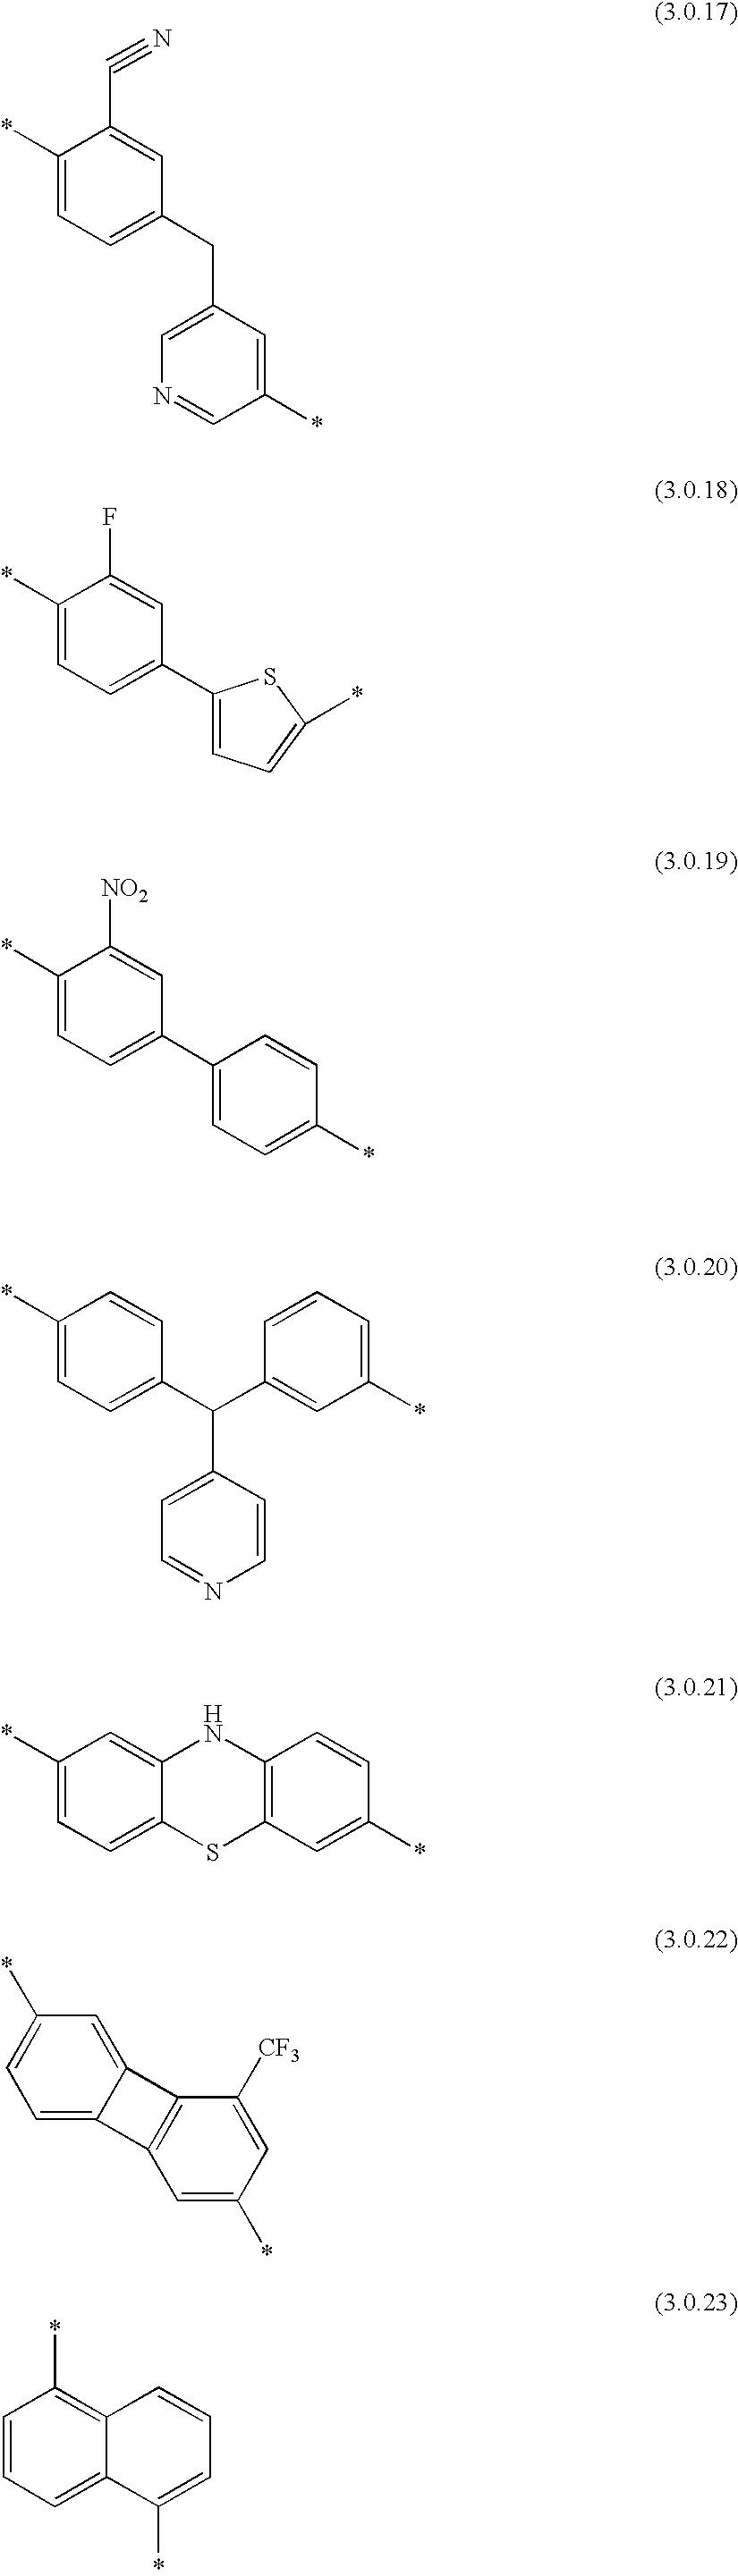 Figure US20030186974A1-20031002-C00126